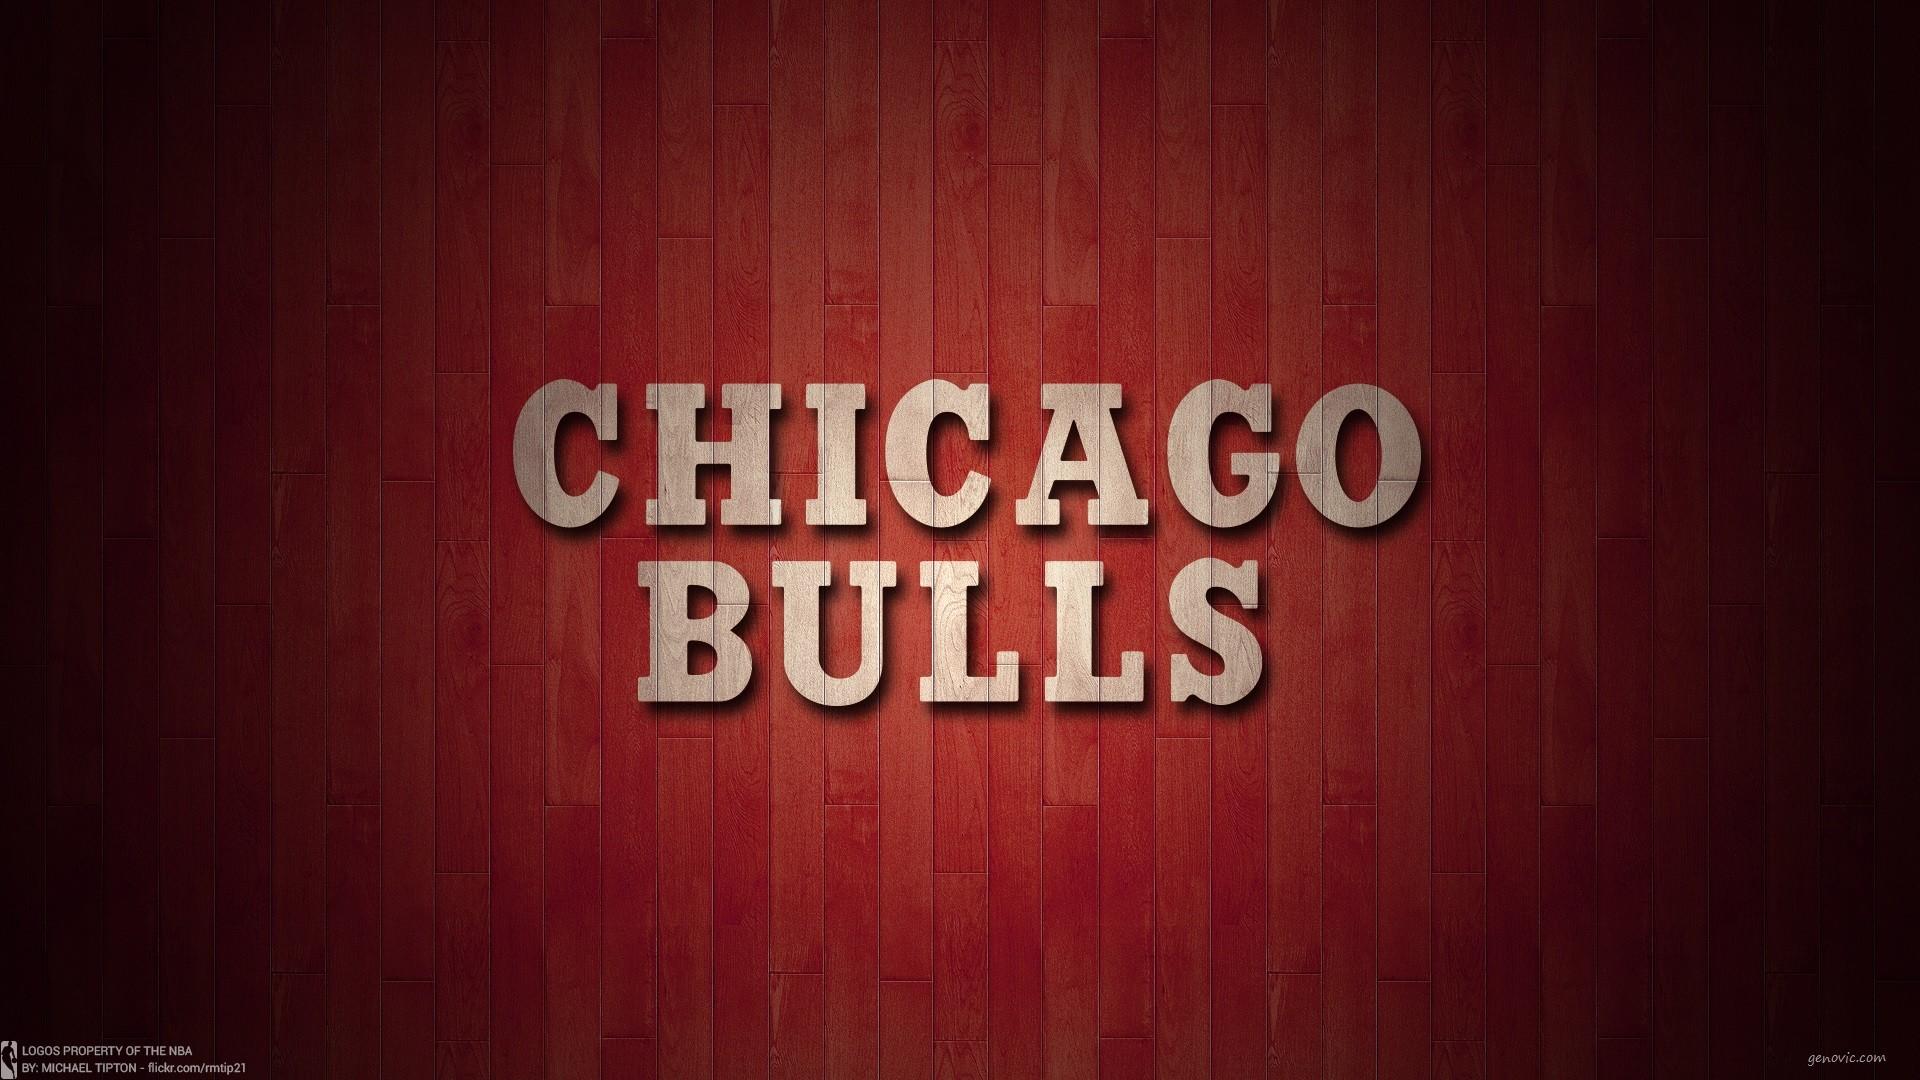 Backgrounds In High Quality – chicago bulls wallpaper (Hill Ross 1920 x  1080)   ololoshenka   Pinterest   Chicago bulls, Bulls wallpaper and Chicago